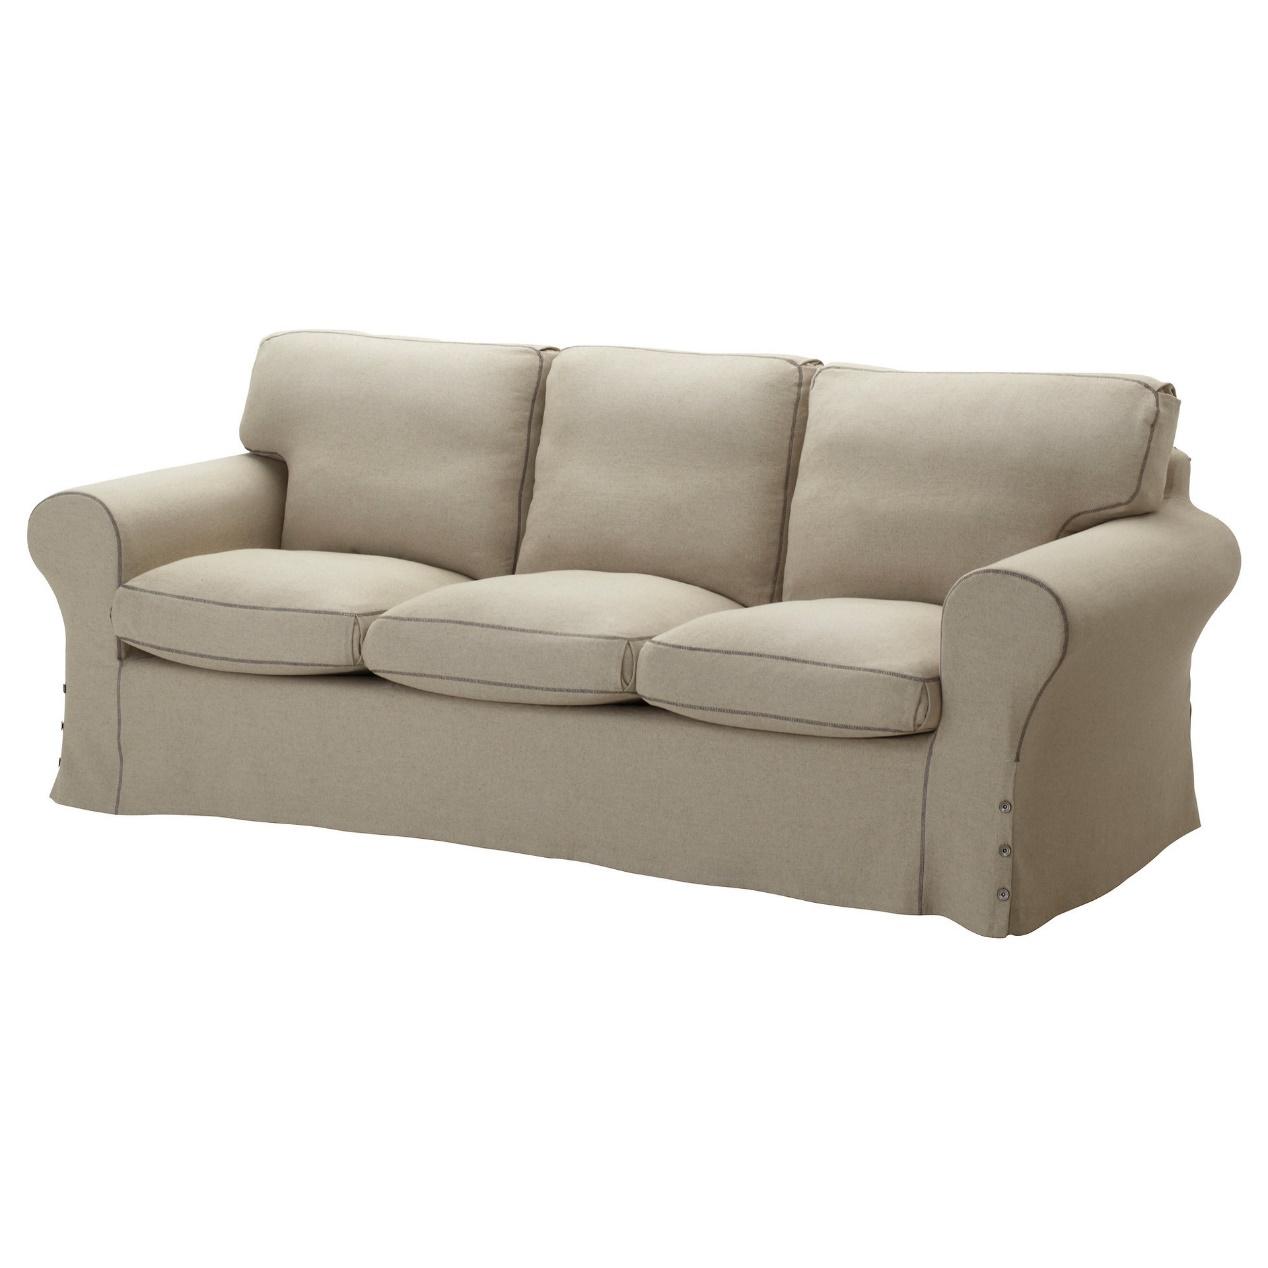 Comment choisir un canapé qui durera éternellement